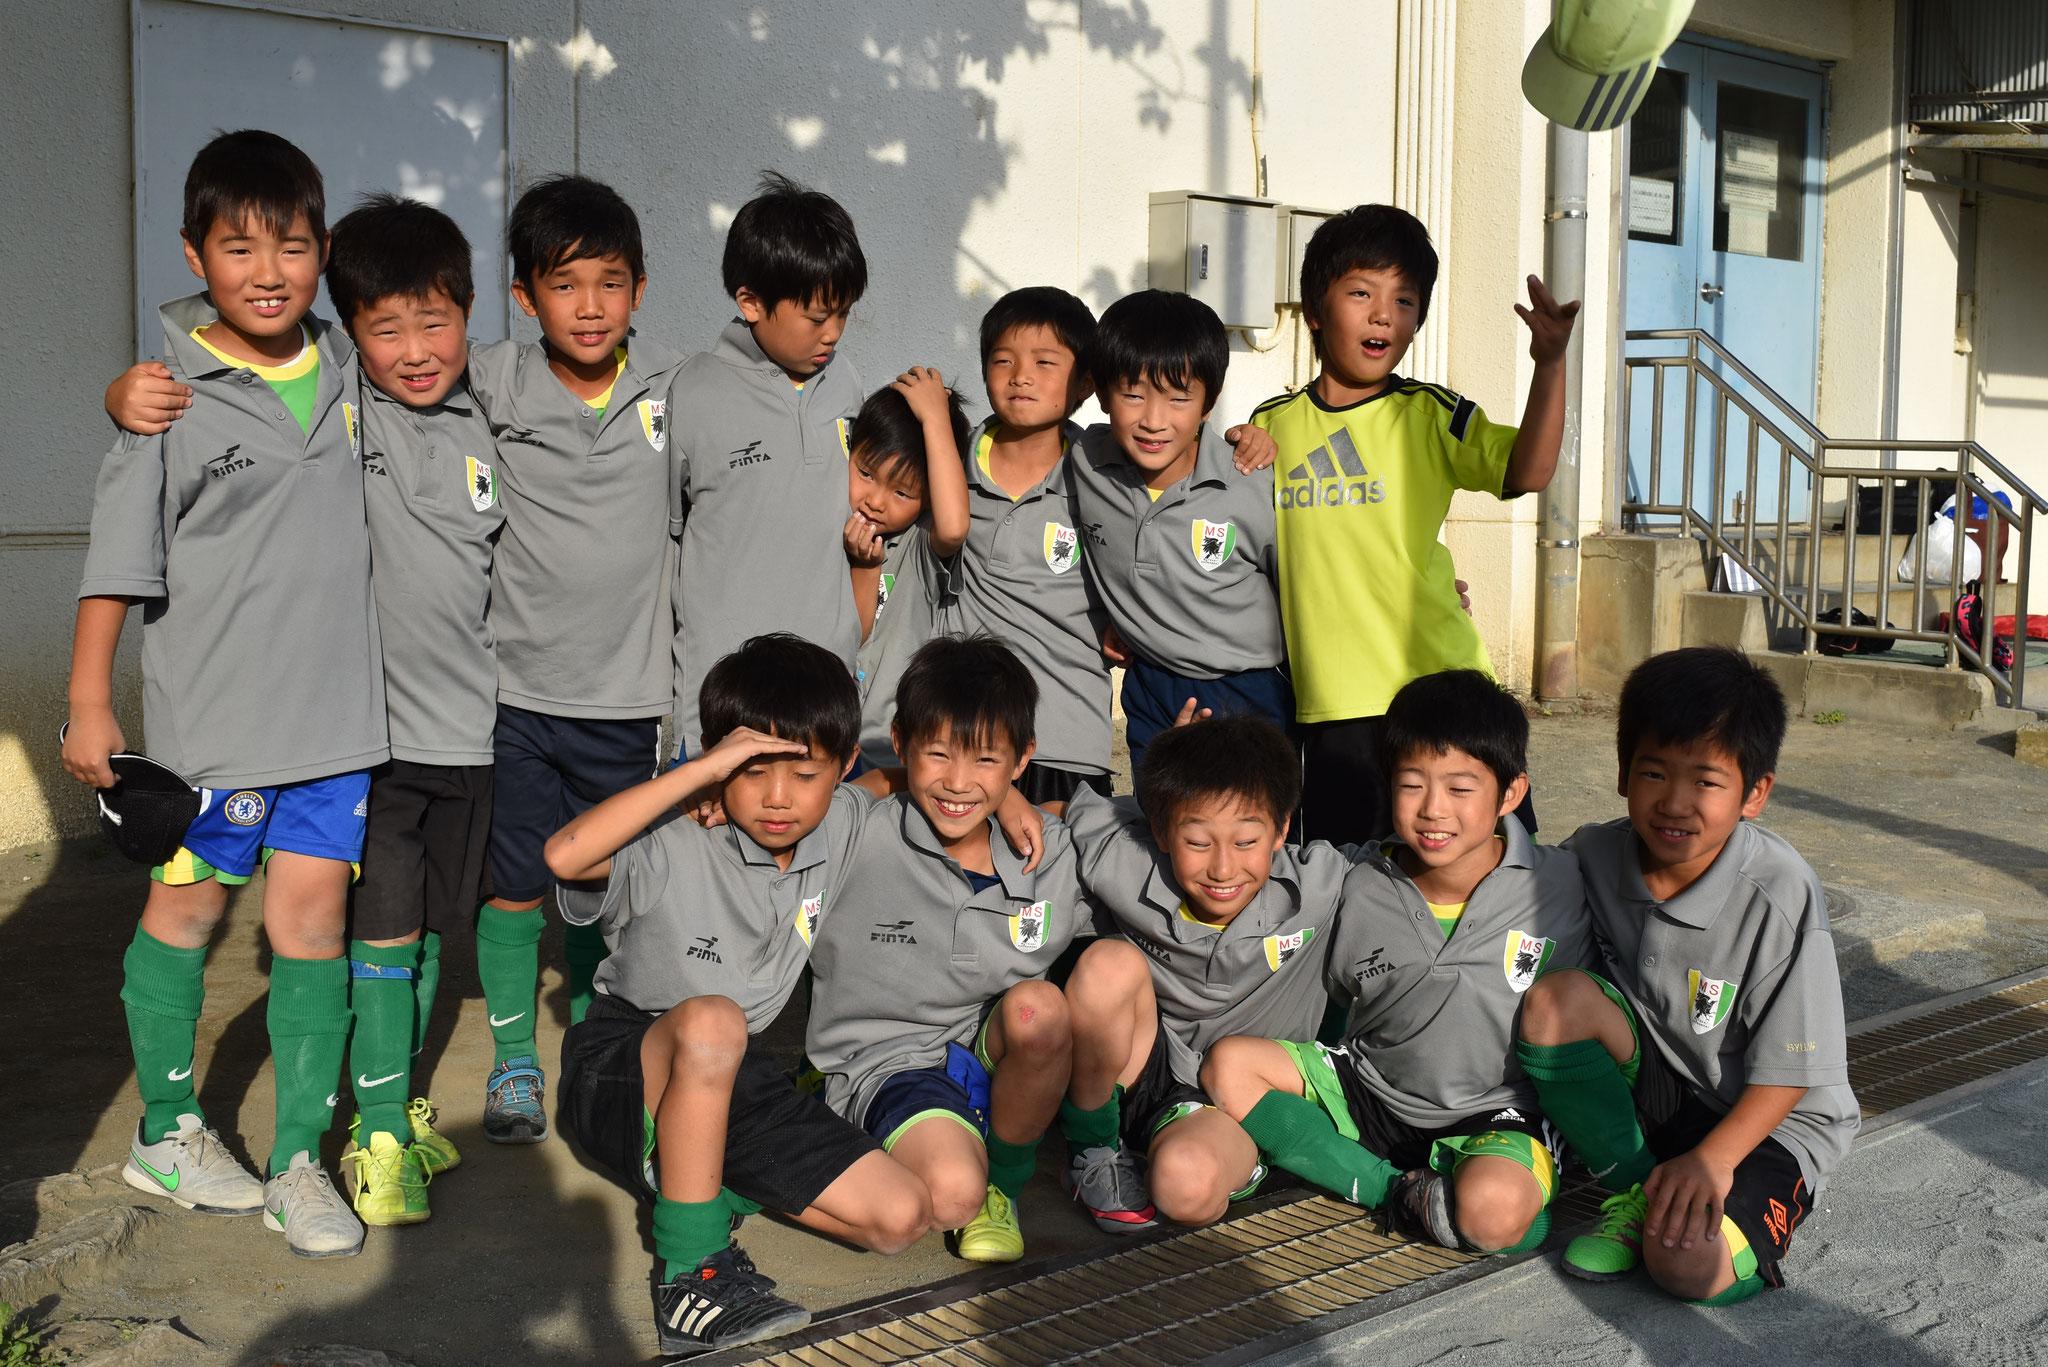 2016年度 藤沢市前期リーグ Aブロック優勝